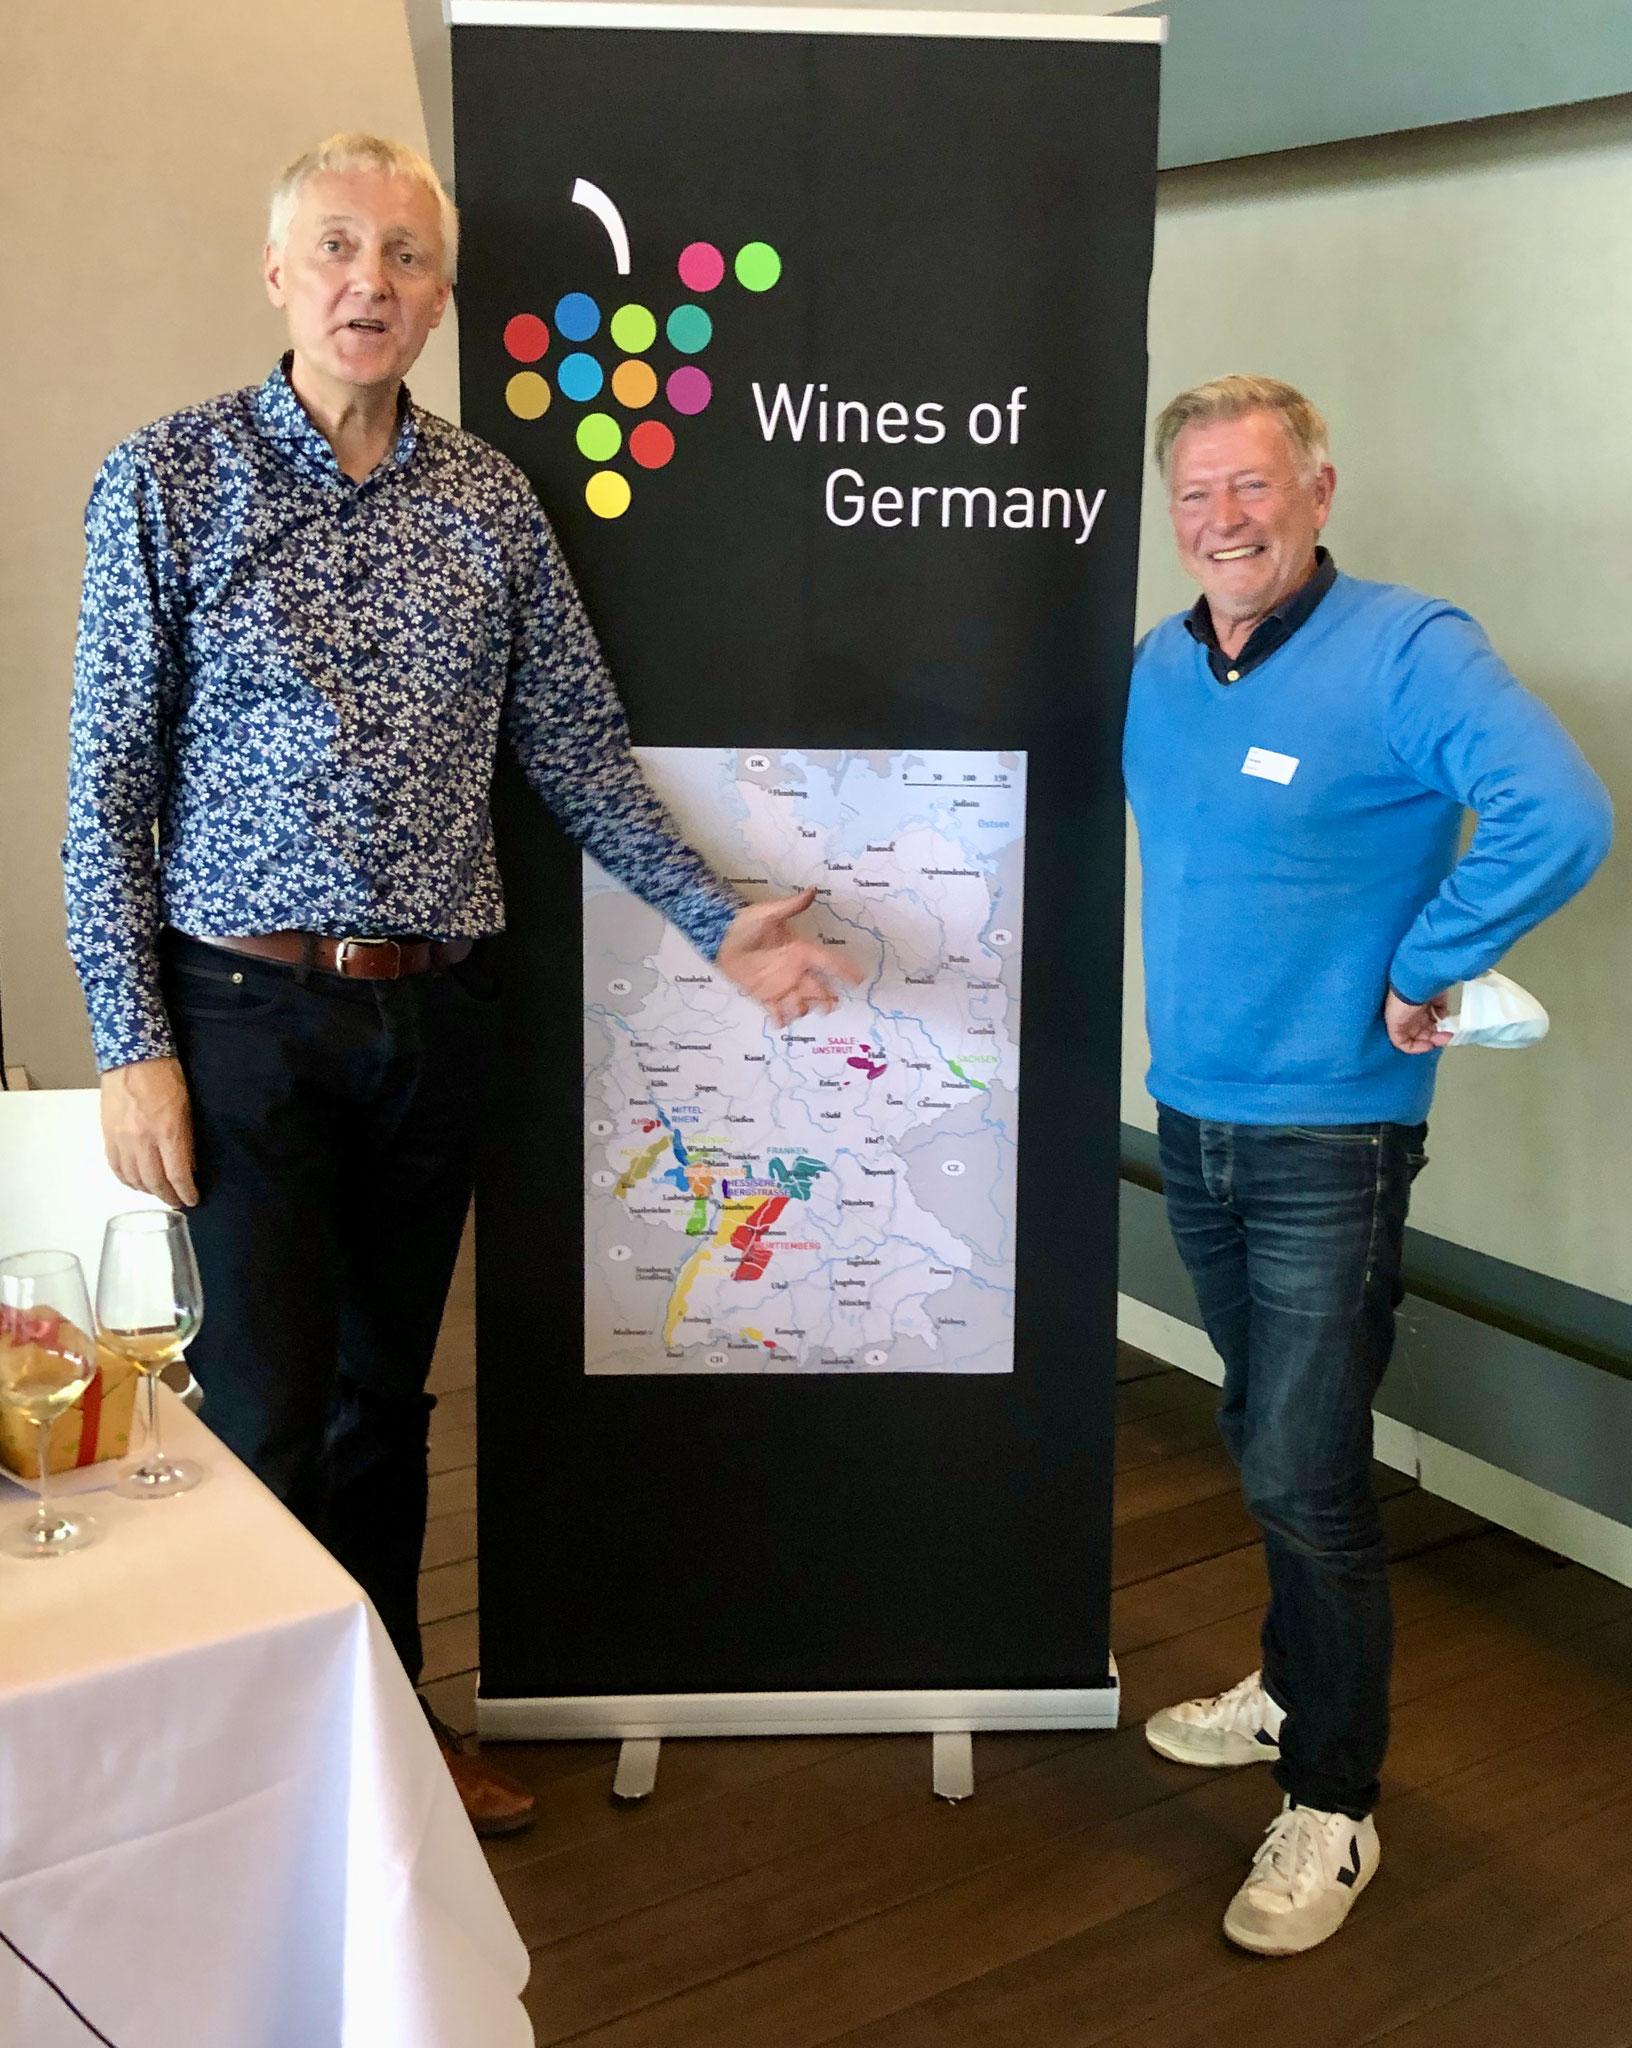 Met Professor Dr. Ulrich Fischer